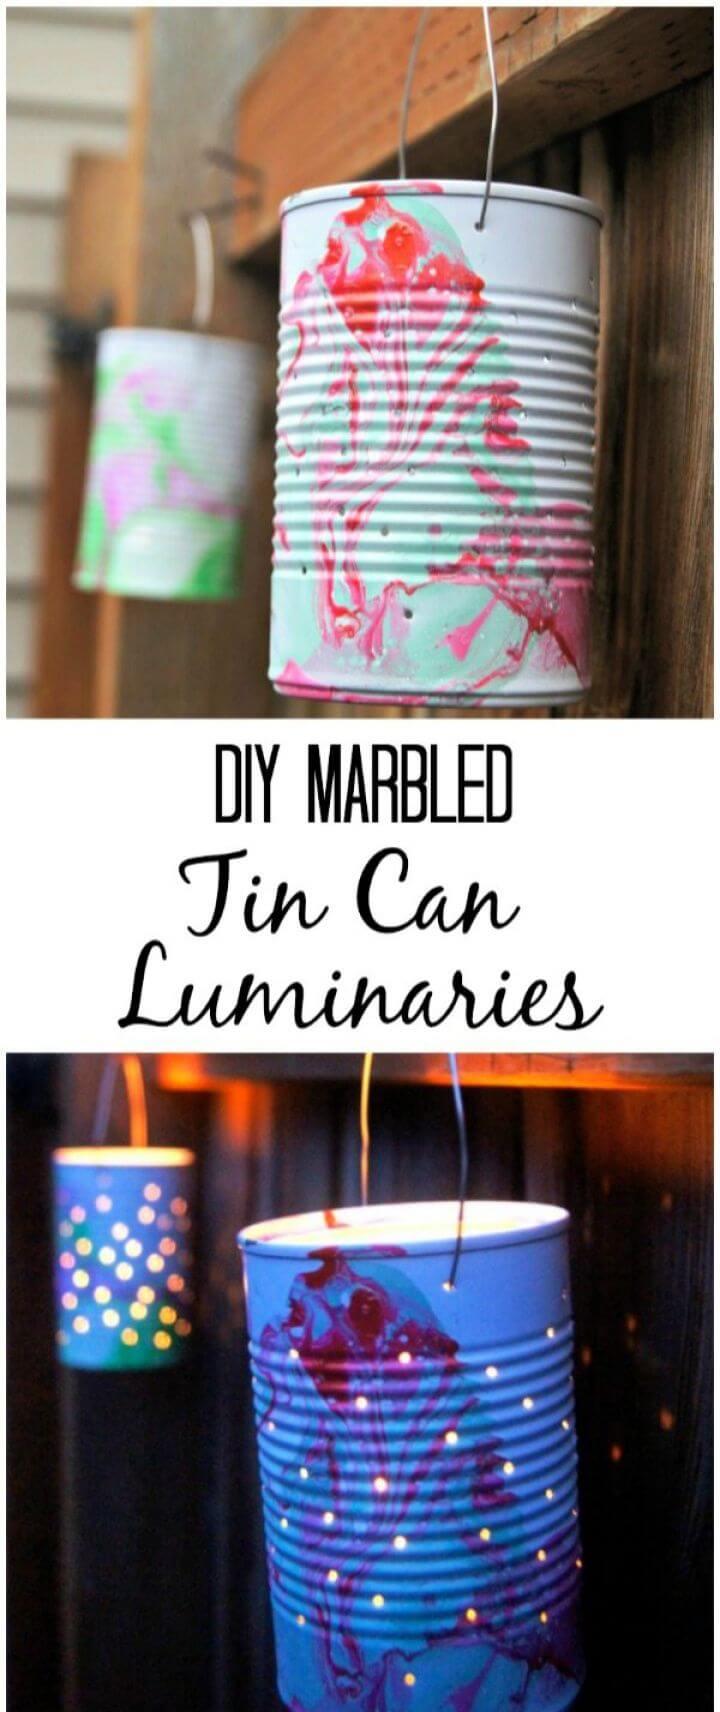 Cute DIY Marbled Tin Can Luminaries